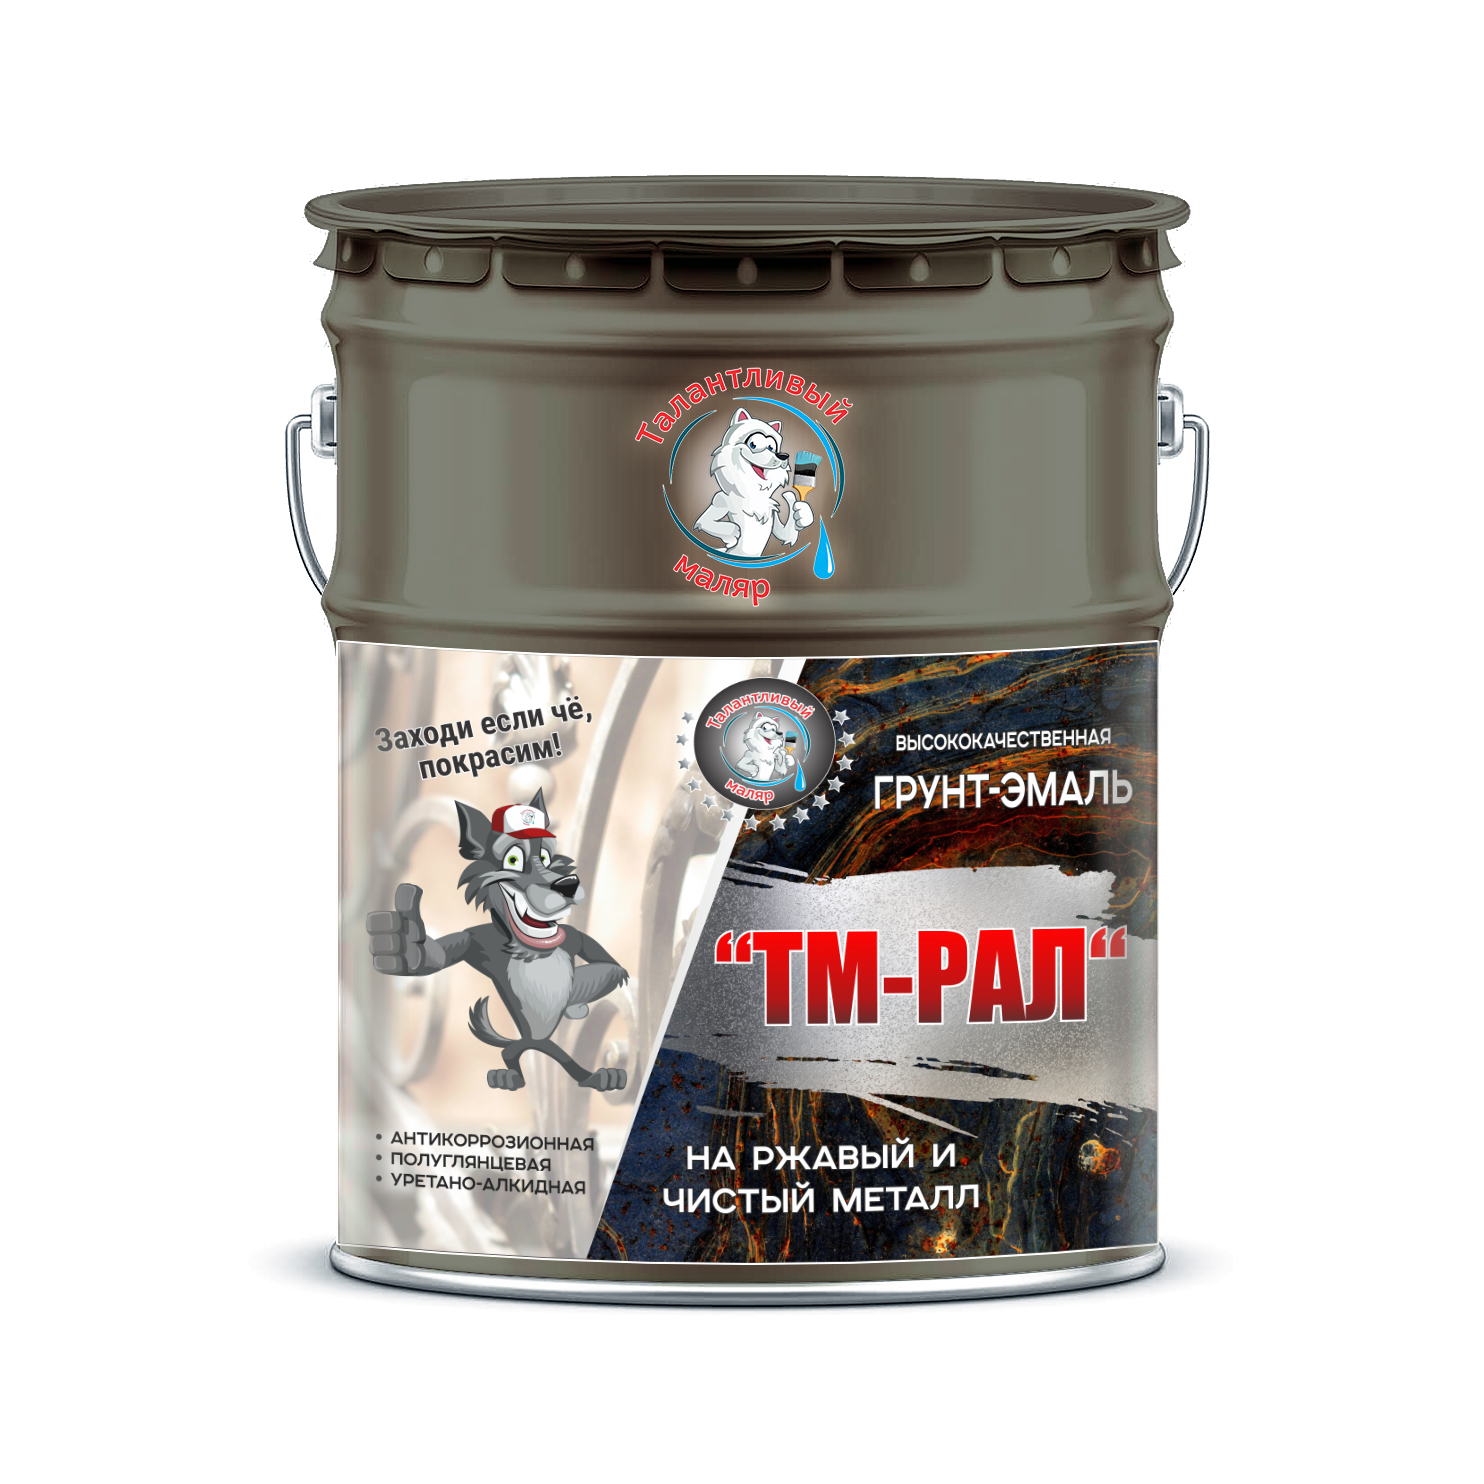 """Фото 18 - TM7023 Грунт-Эмаль """"ТМ РАЛ"""" уретано-алкидная 3 в 1 цвет RAL 7023 Серый бетон, антикоррозионная,  полуглянцевая для черных металлов, 20 кг """"Талантливый маляр""""."""